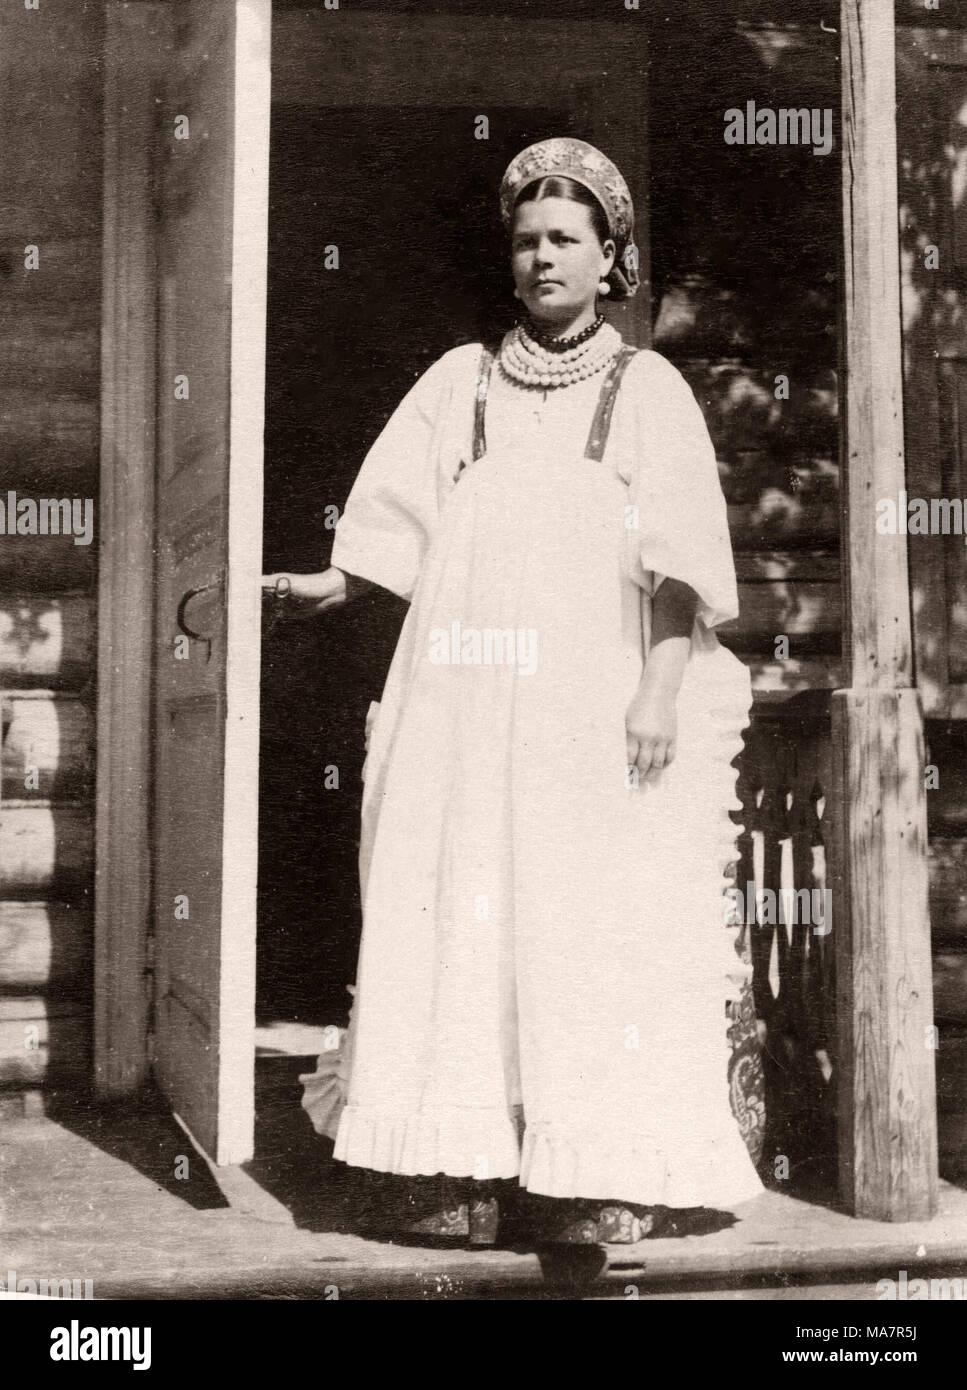 Fotografía Vintage del siglo XIX Rusia - Retrato de una mujer rusa - una enfermera Imagen De Stock